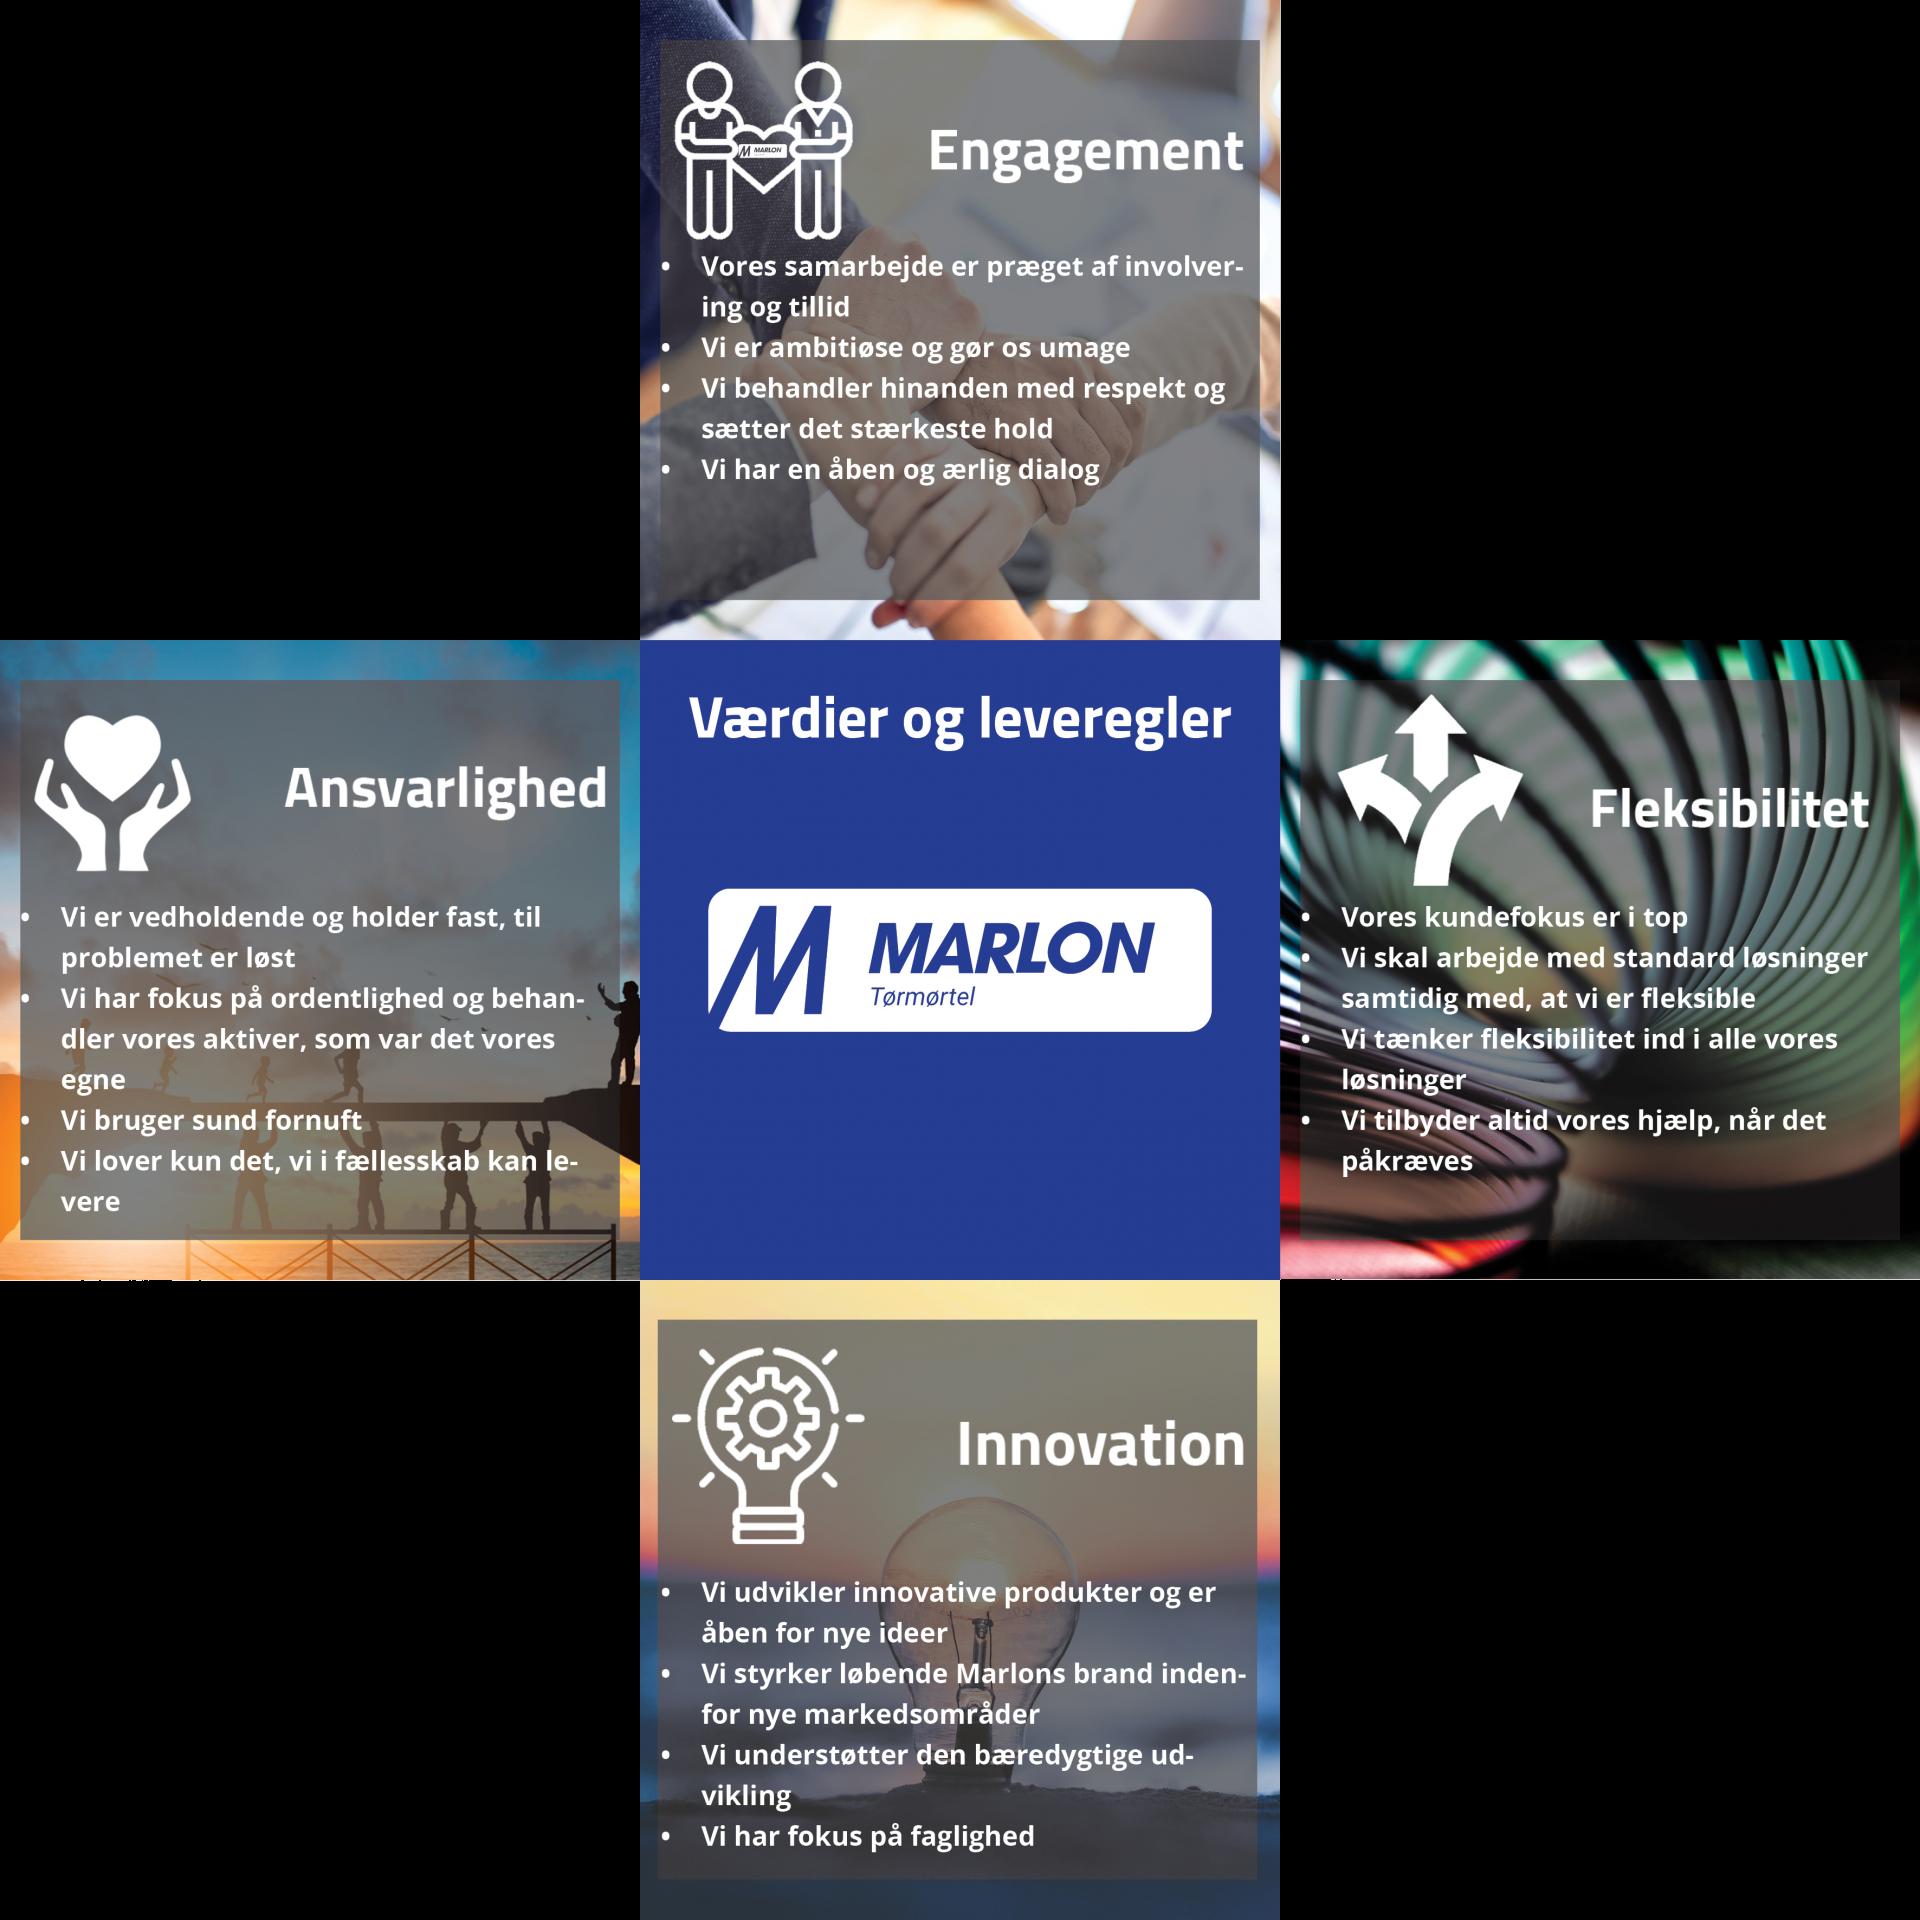 Marlon - Værdier og leveregler